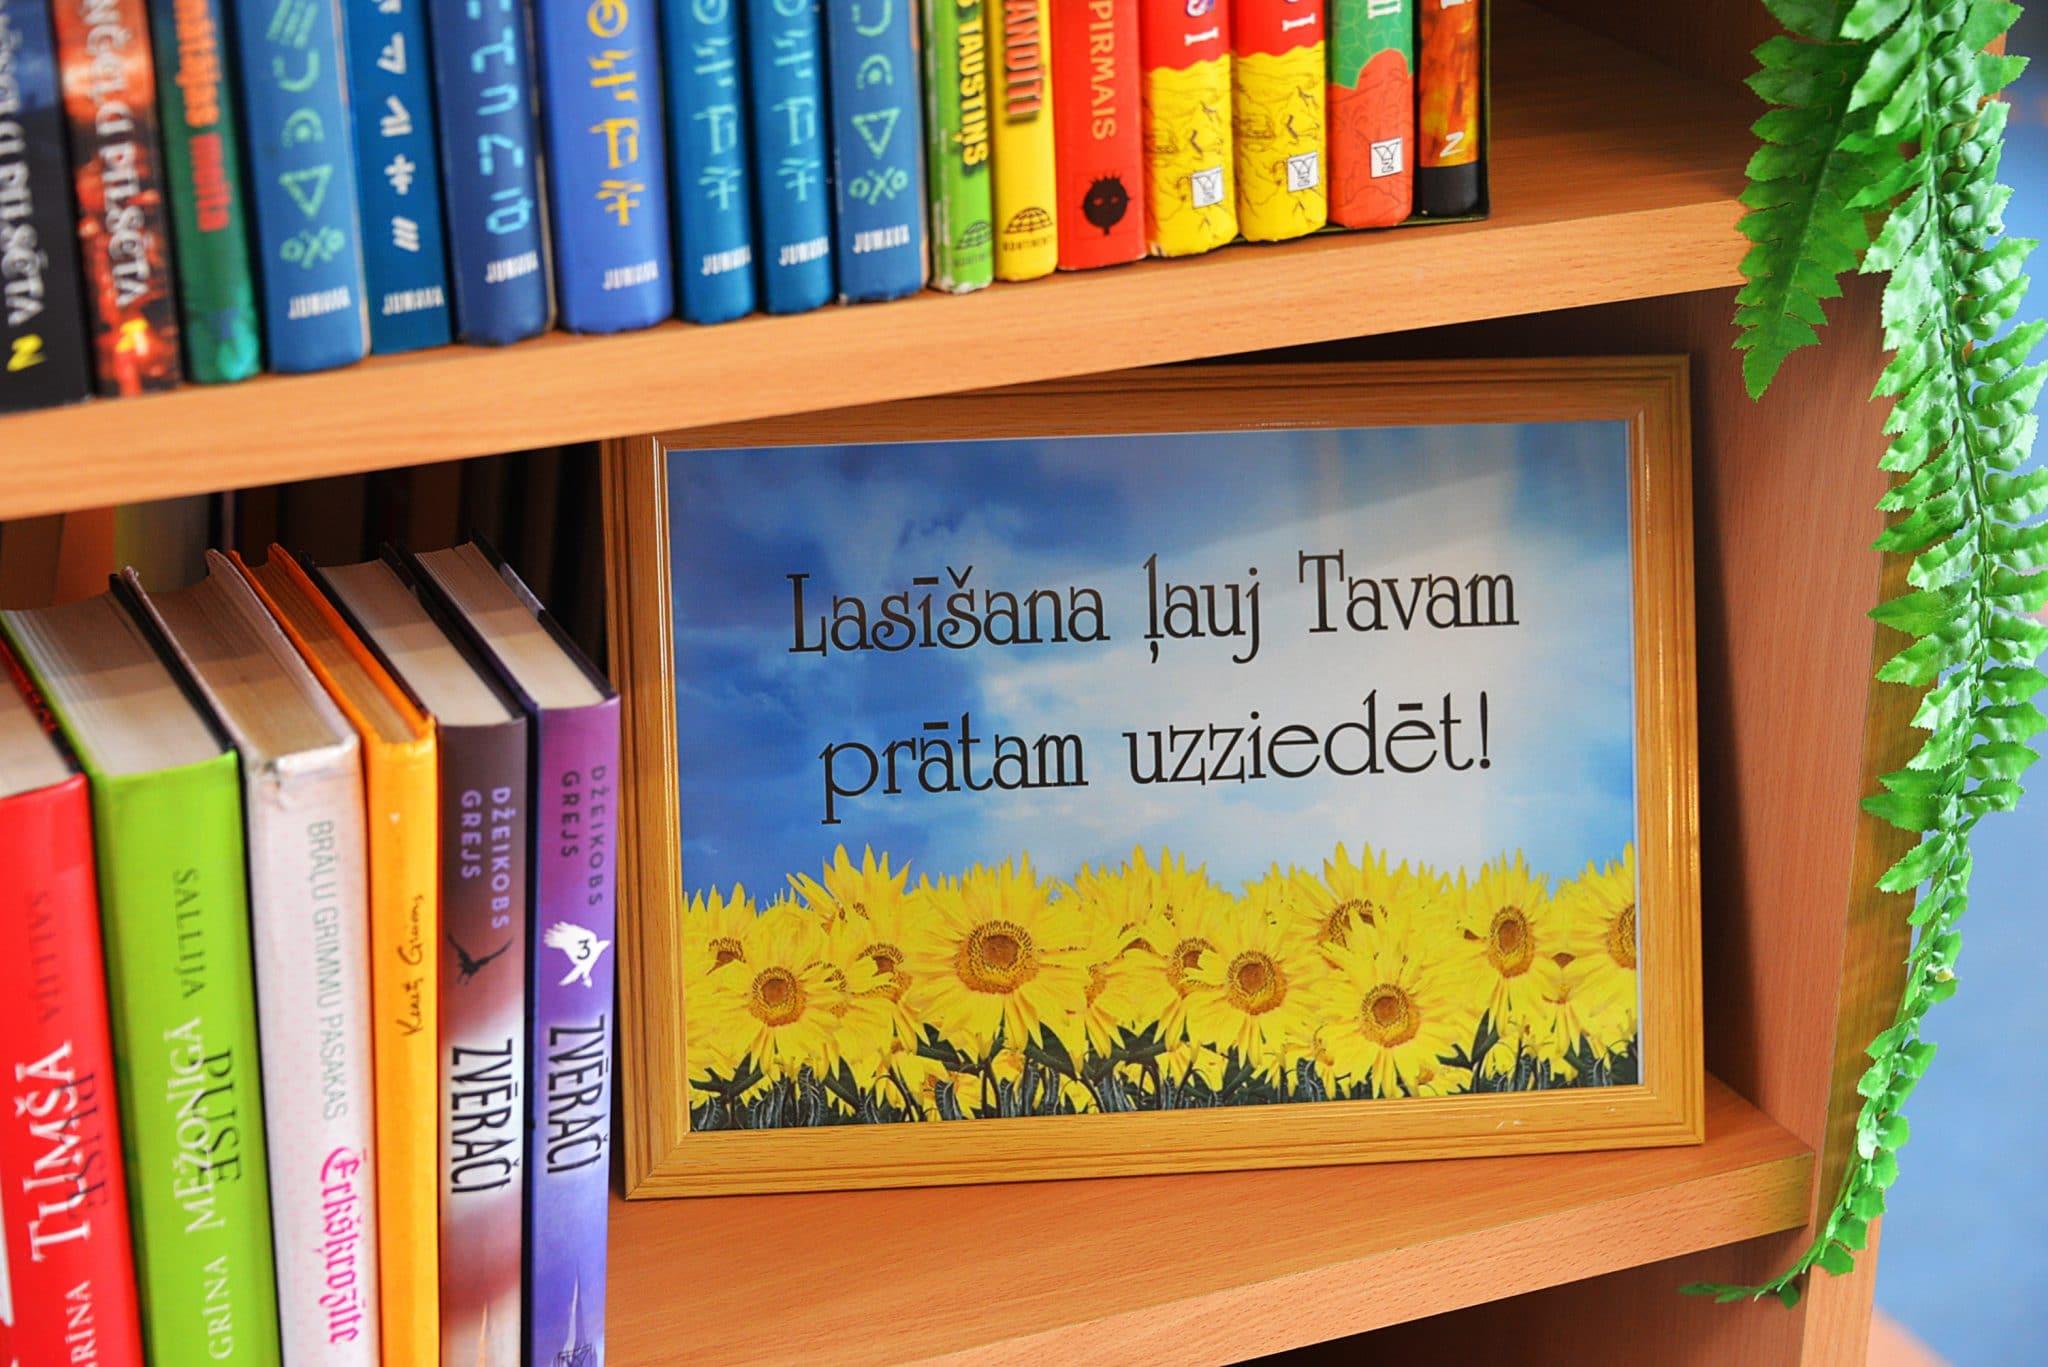 Februāra jaunās grāmatas Smiltenes novada bibliotēkā